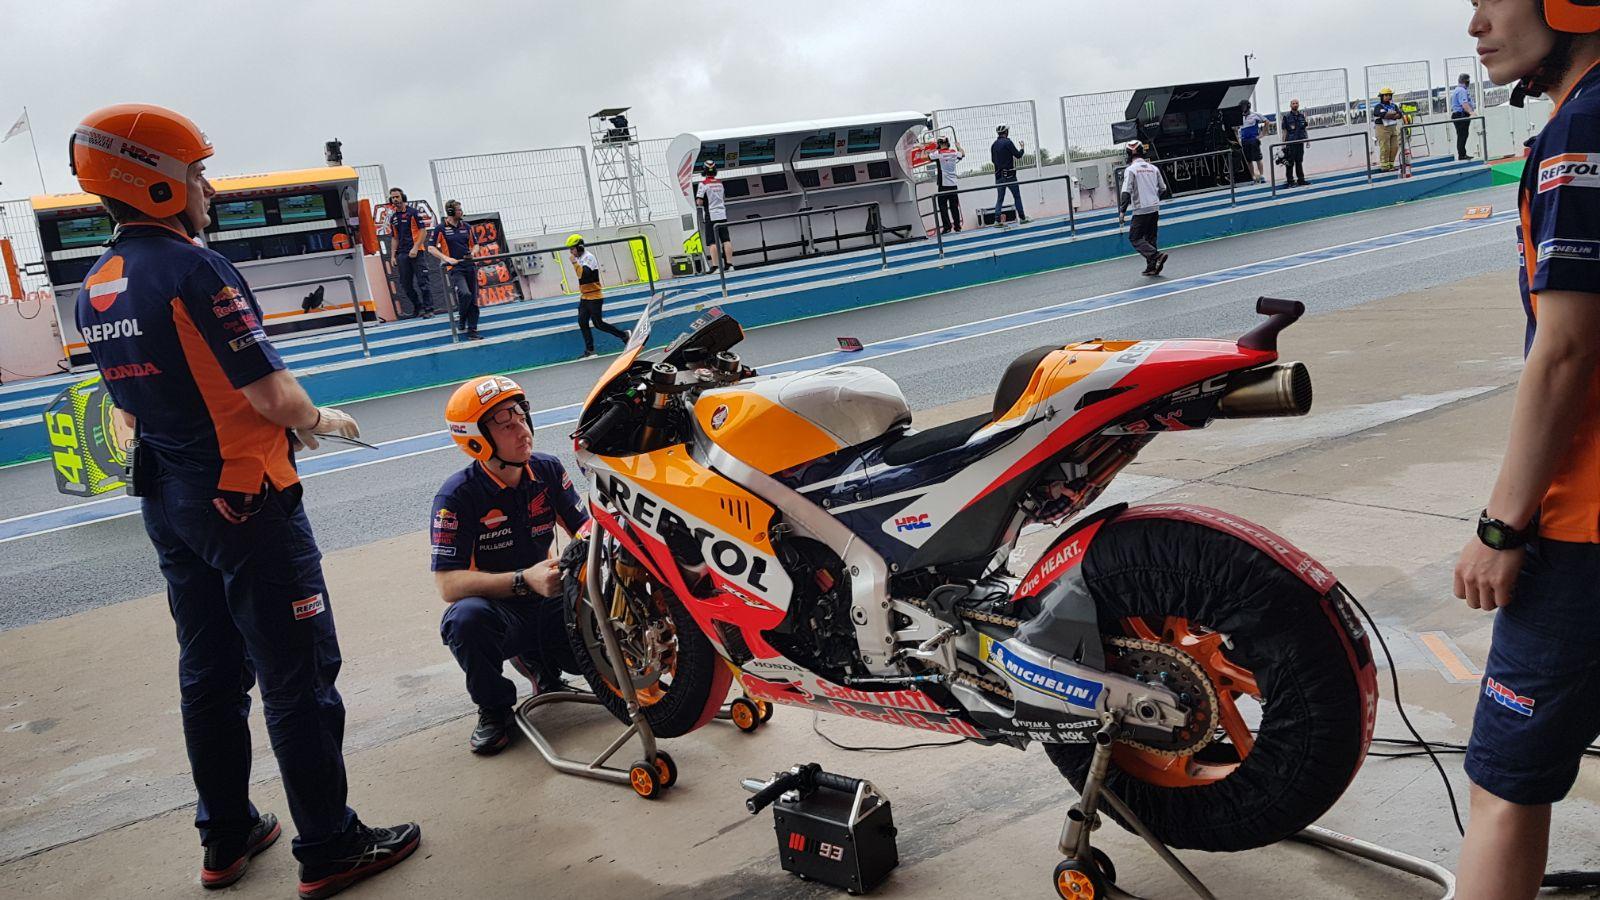 Técnicos de Repsol Honda en el pit lane preparando la moto